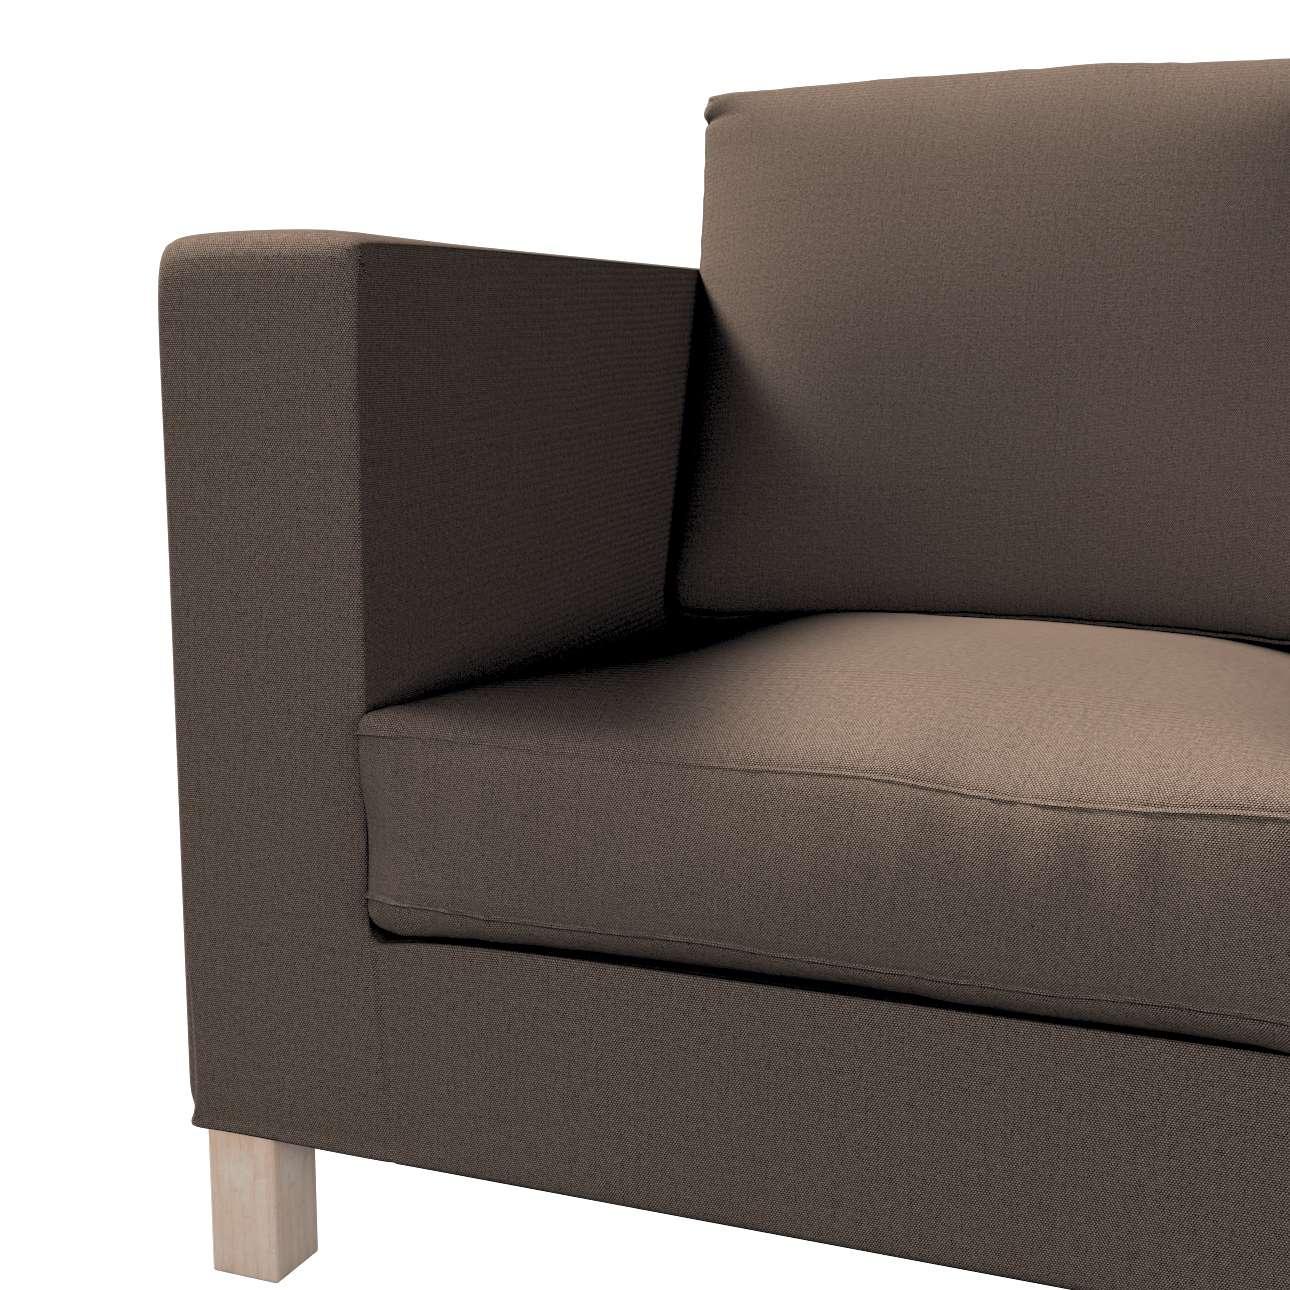 Karlanda 3-Sitzer Sofabezug nicht ausklappbar kurz von der Kollektion Etna, Stoff: 705-08